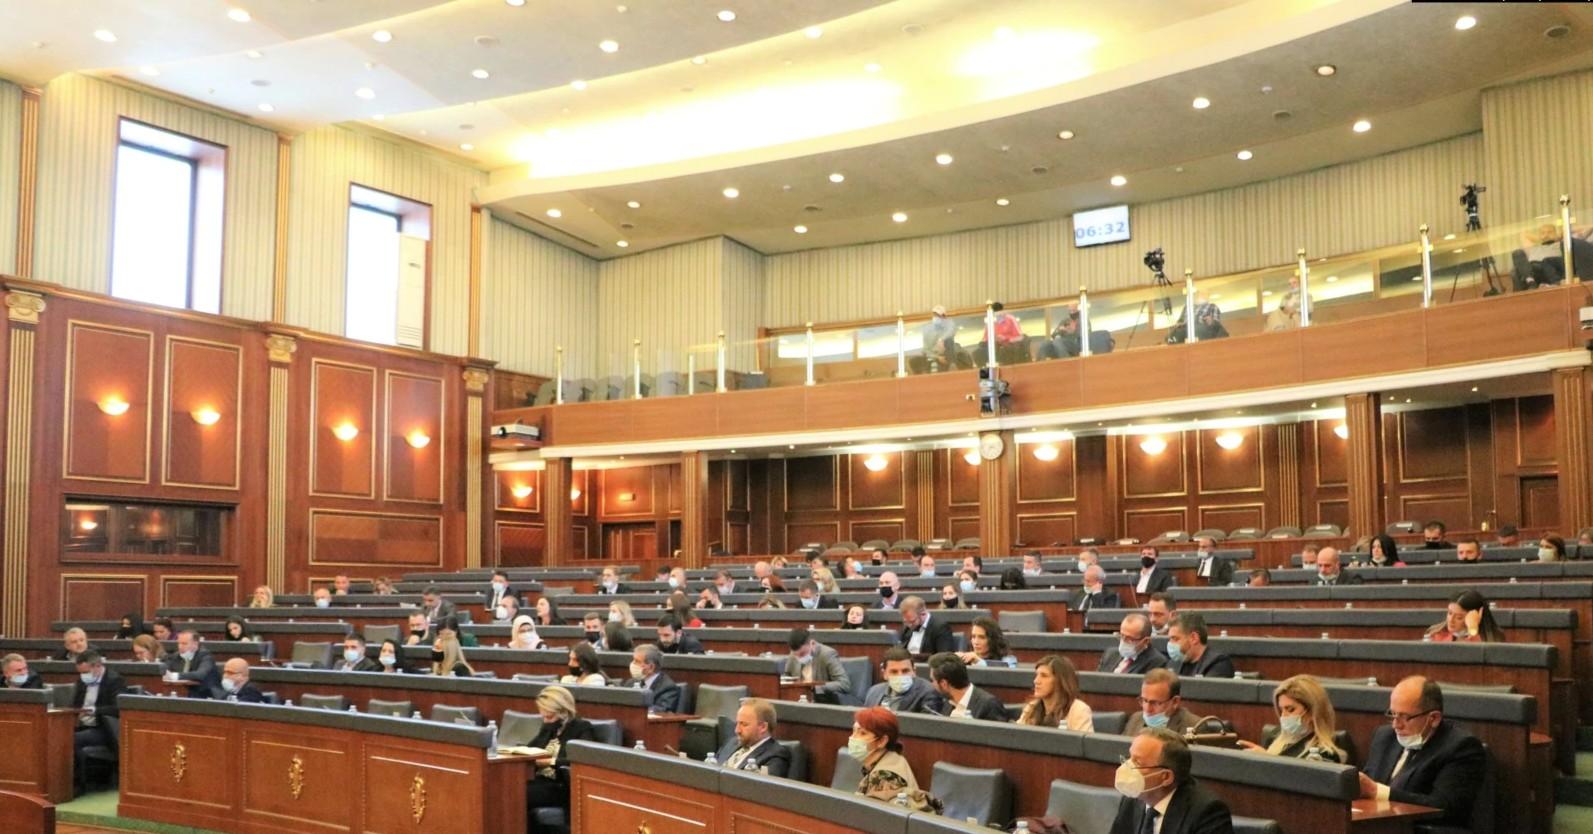 Përfundon debati për situatën ekonomike, votimi i rezolutës së PDK-së shtyhet për seancë tjetër